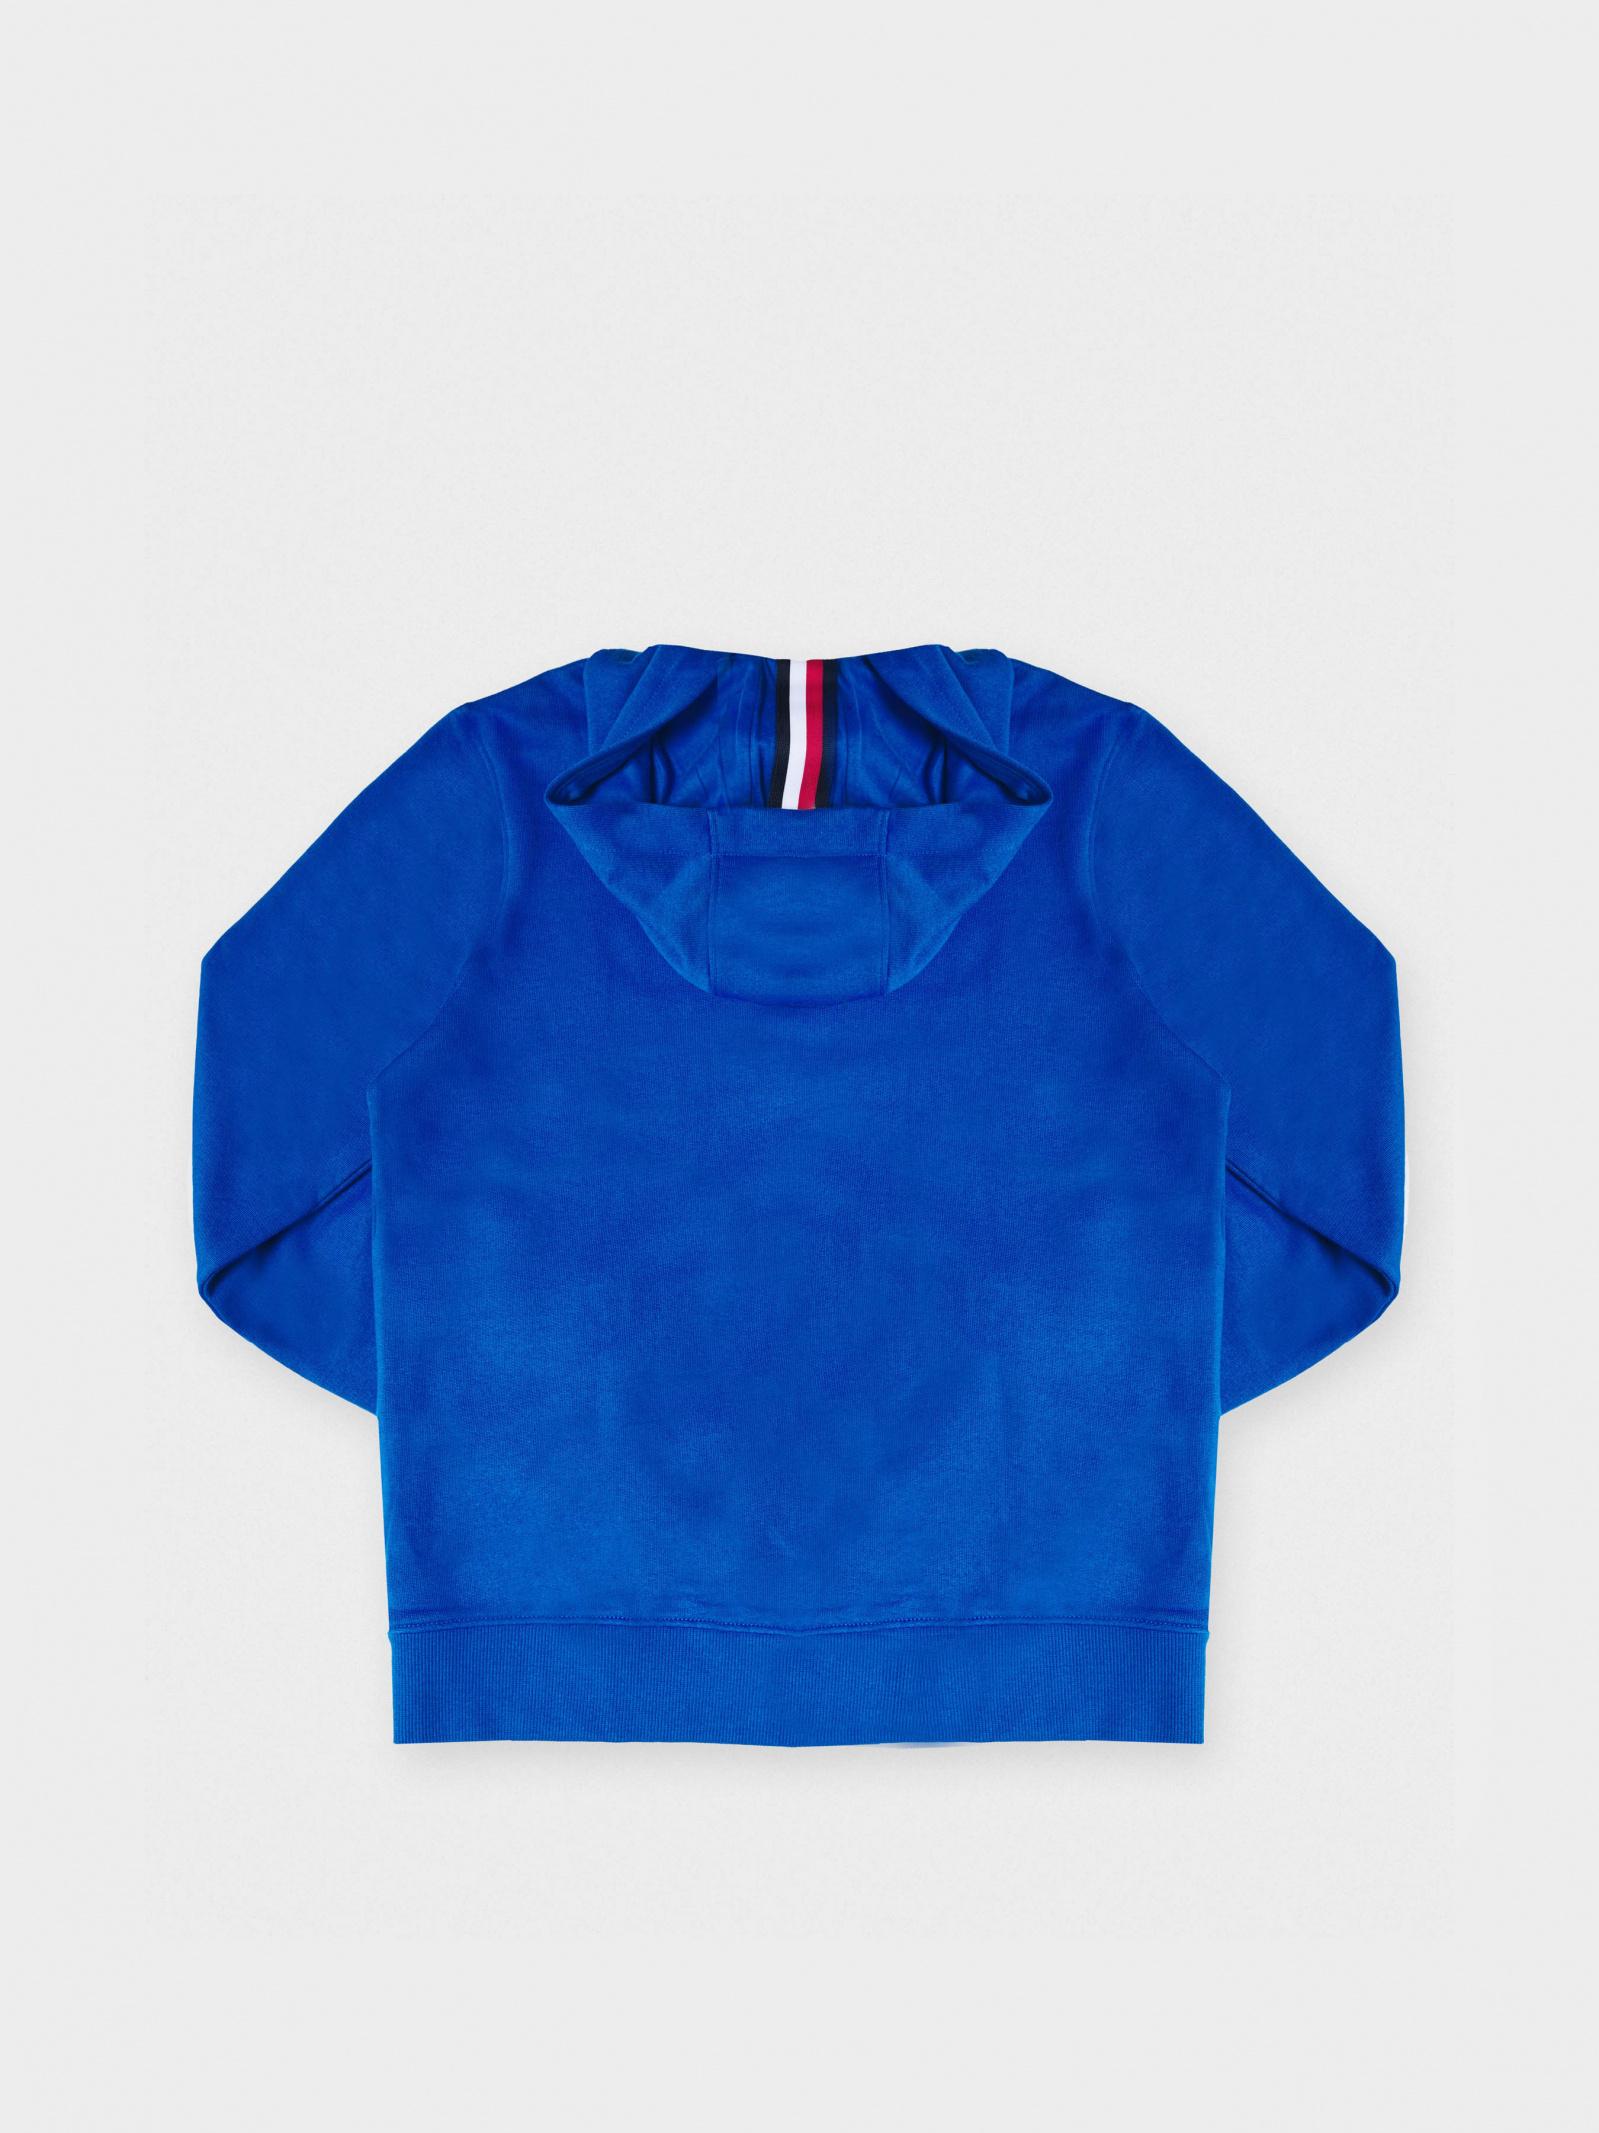 Кофты и свитера детские Tommy Hilfiger модель TC1499 купить, 2017